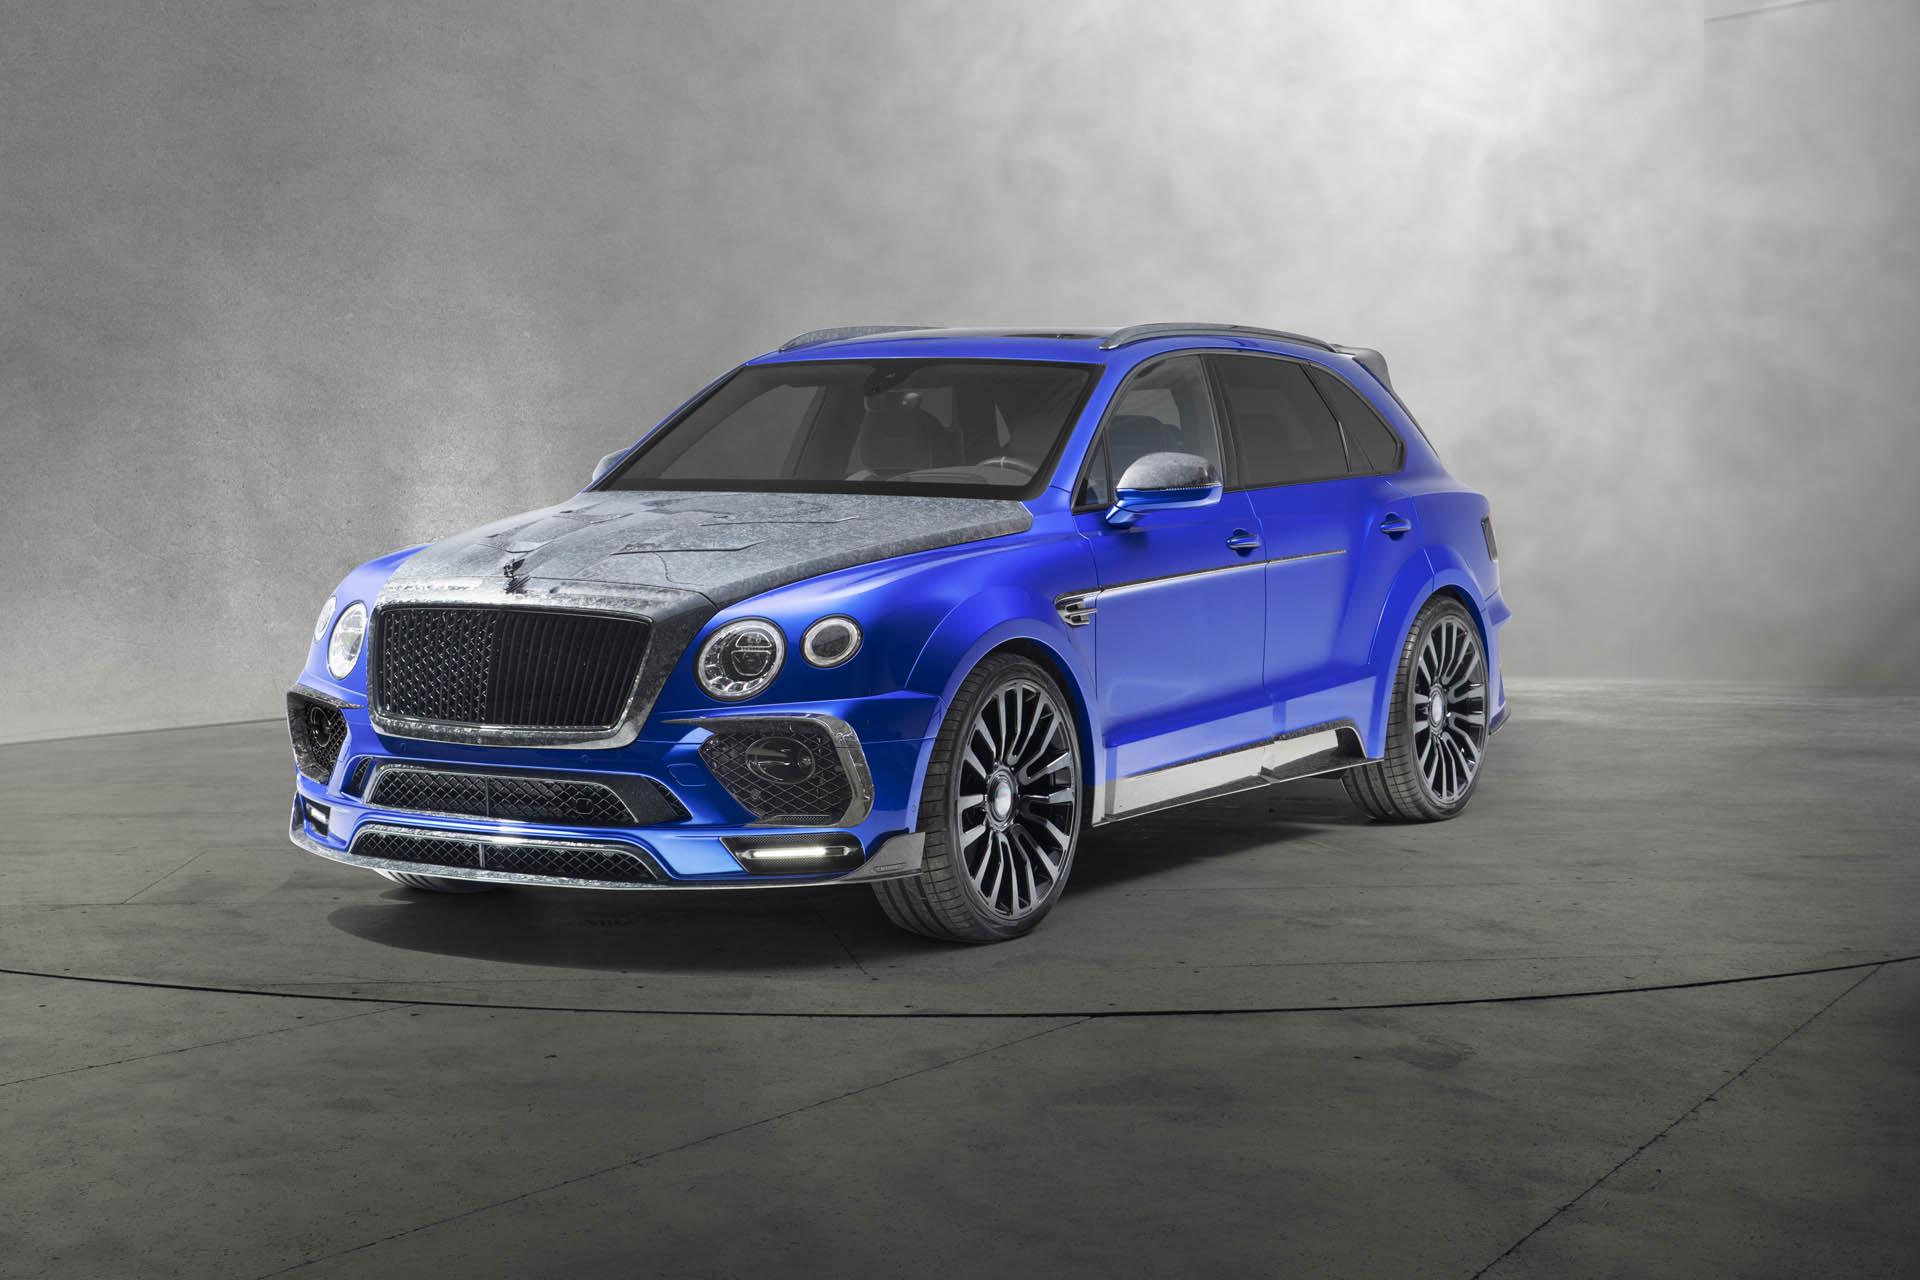 Автомобиль получил интересный колер кузова и имя Bleurion Edition